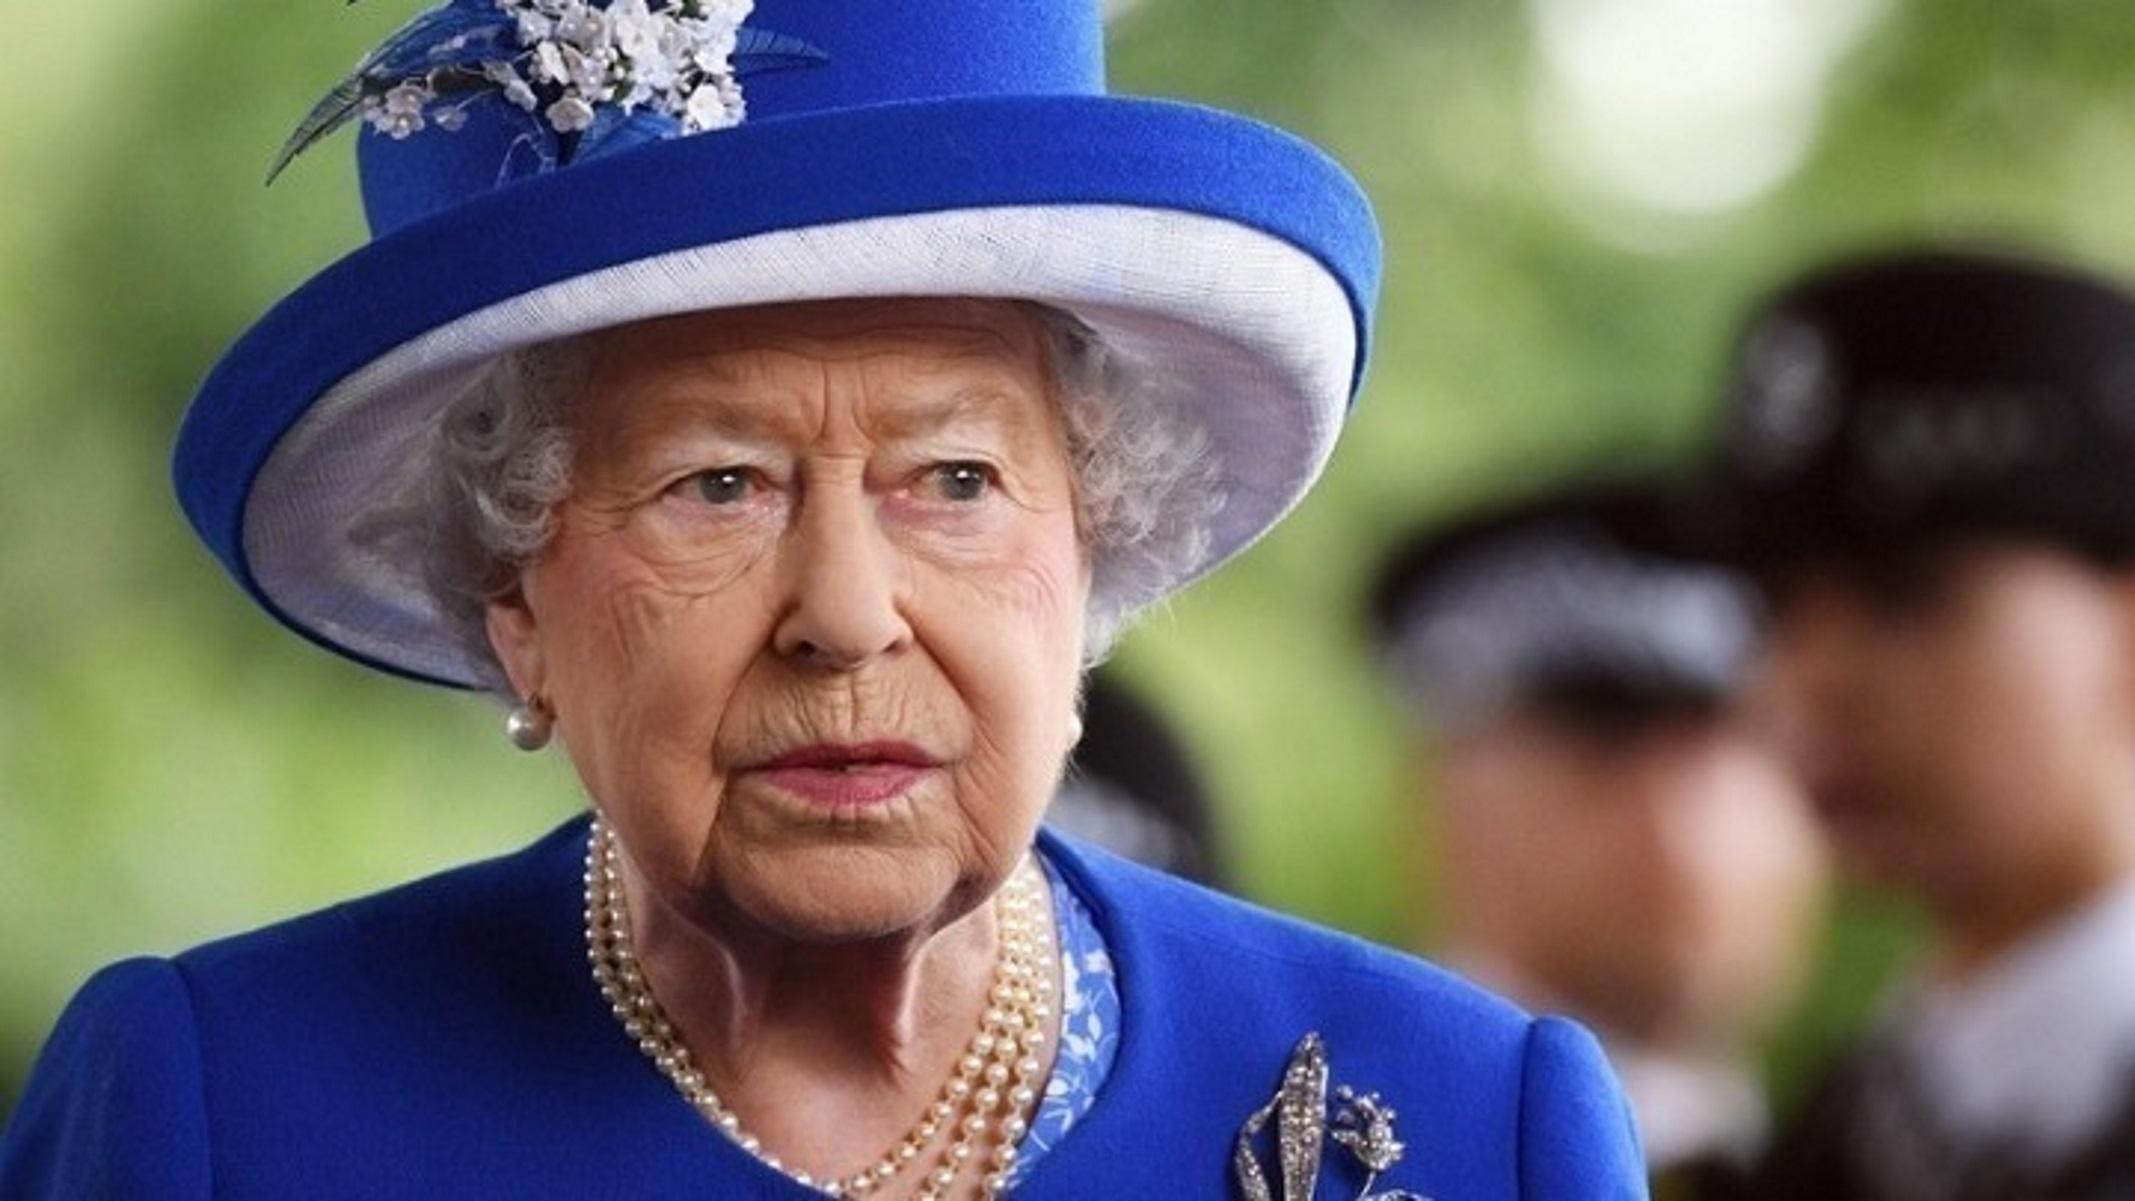 11η Σεπτεμβρίου – Βασίλισσα Ελισάβετ: Οι σκέψεις και οι προσευχές μας σε θύματα και επιζήσαντες